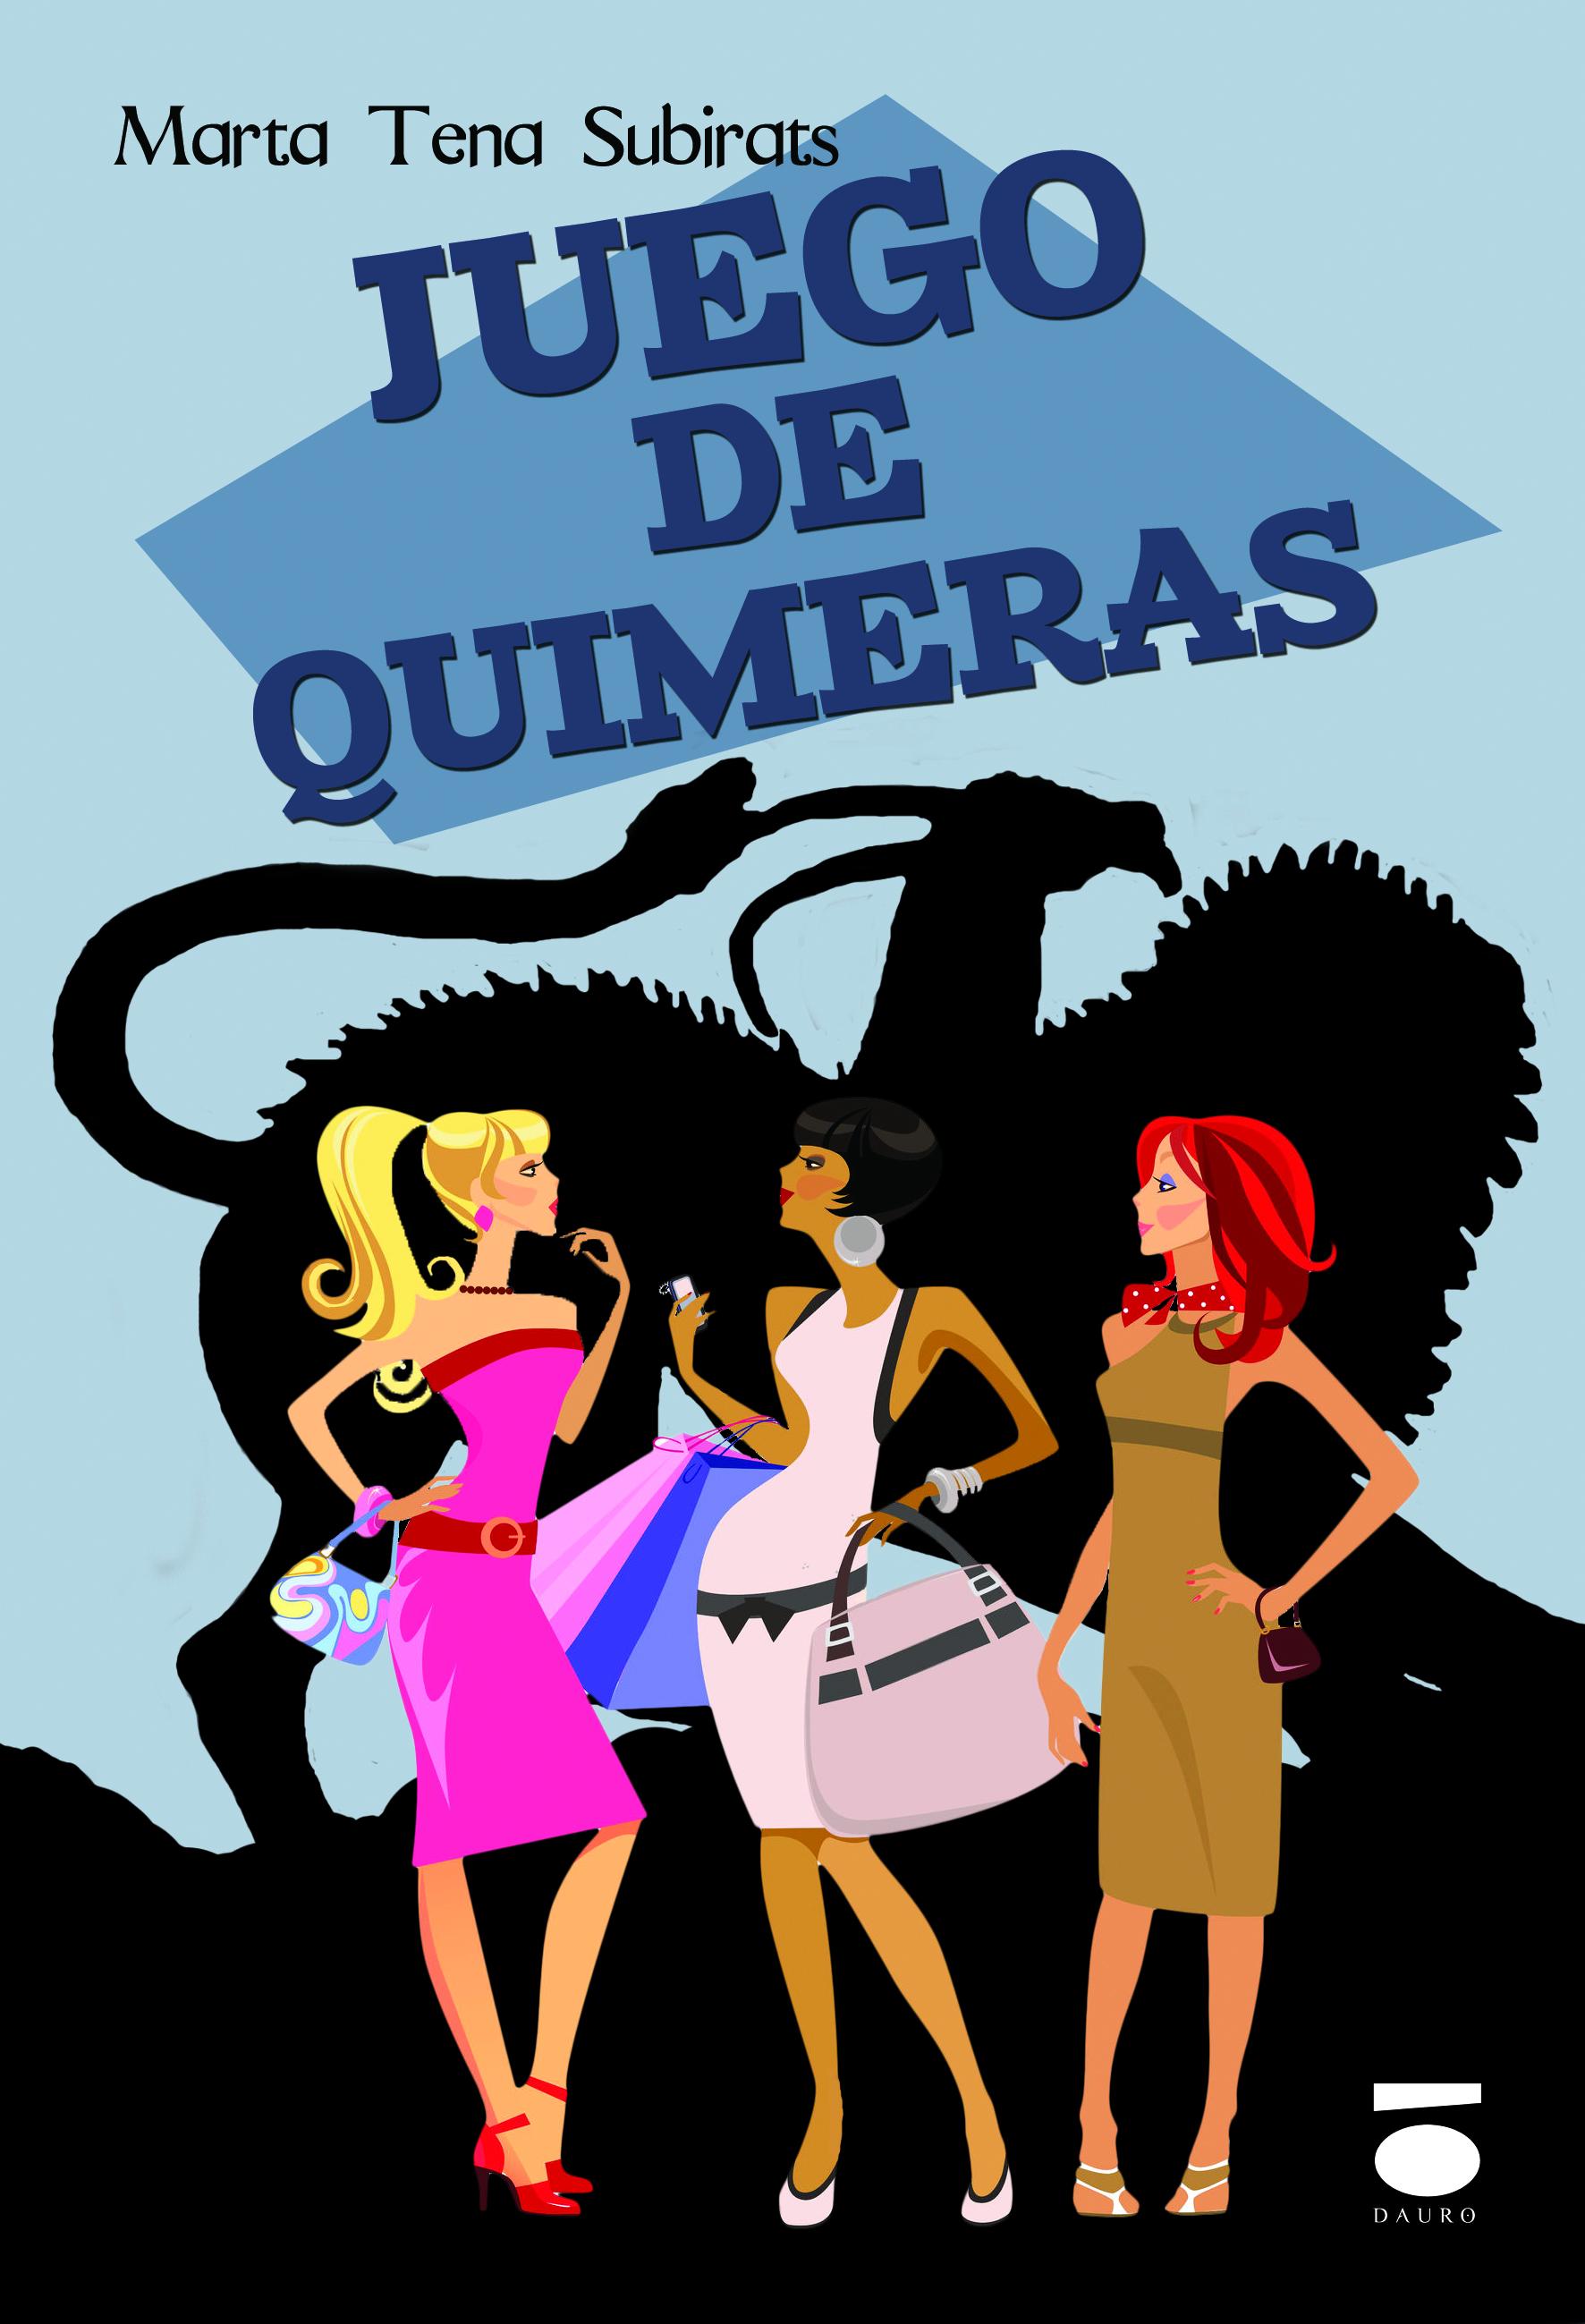 blog literario, blog solo yo, solo yo, marta tena subirats, ediciones dauro, reseña, reseña literaria, Juego de quimeras, libros 2015, libro,